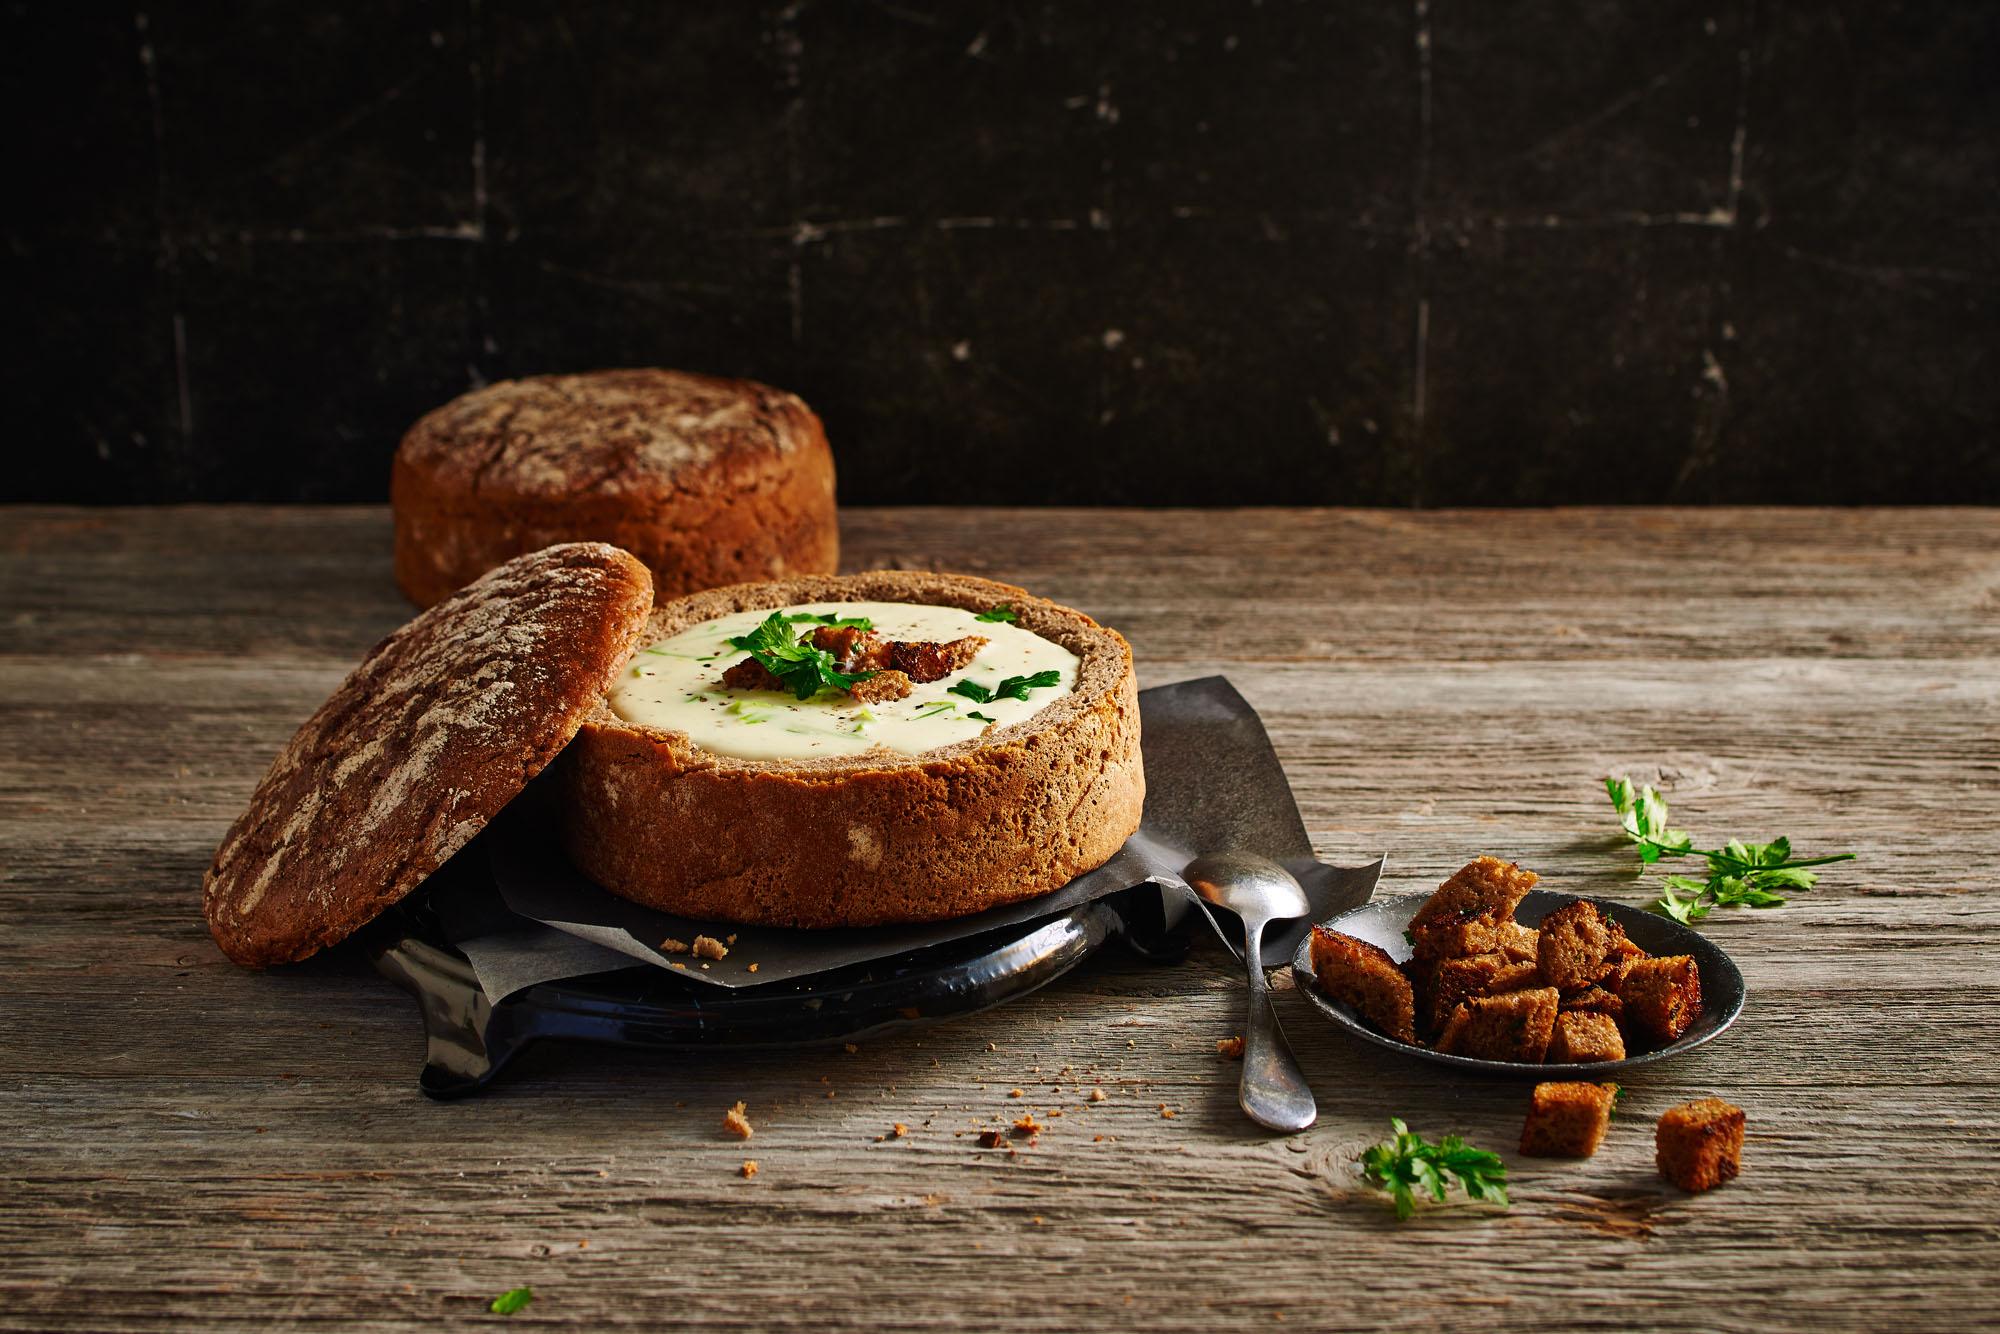 Foodfoto-Brot-Backwaren-0042